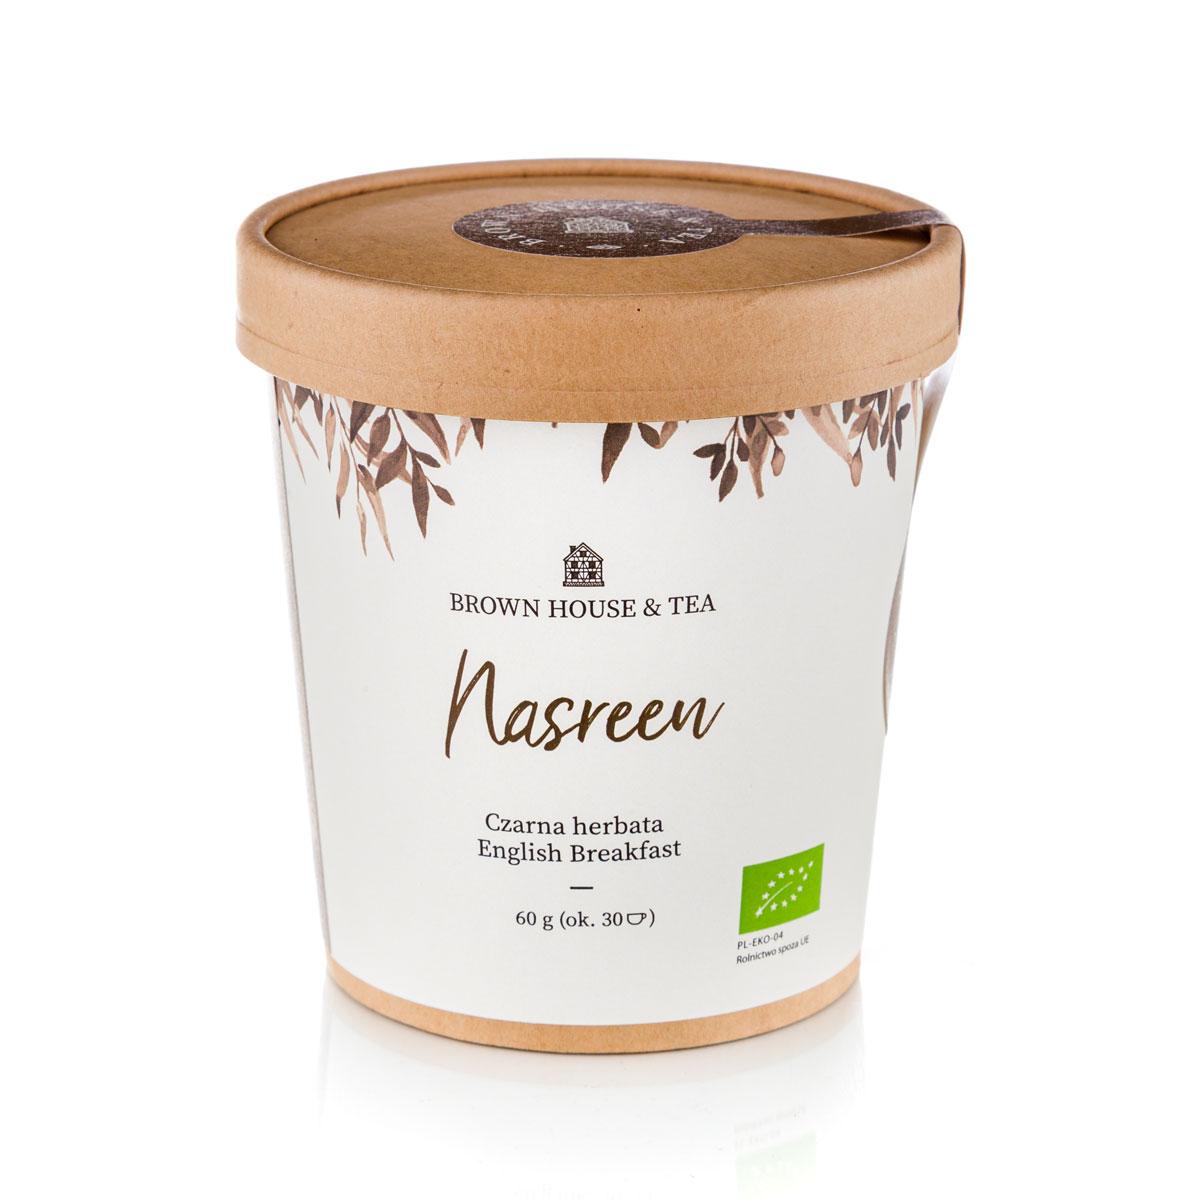 """Nasreen to prawdziwa liściasta czarna herbata, która pochodzi z niewielkiego ogrodu herbacianego Putharjhora na północnym wschodzie Indii. Kryje w sobie całe bogactwo i intensywność smaków i zapachów, które rozsławiły ją na całym świecie. I z pewnością nie jest to zwyczajna """"herbata do śniadania"""". Nasz blend to coś znacznie więcej. Smak blendu jest nieco mocniejszy od powszechnie znanej czarnej herbaty. To zachęca, ją wzbogacać różnego rodzaju dodatkami. Dzięki temu za każdym razem odkryjemy nowy smak. Z cytryną, konfiturą, mlekiem czy co tam sobie jeszcze wymyślimy – zawsze mamy inny napój, ale to samo działanie. Łatwo też zmieniać jego intensywność. Jeśli będziemy parzyć go krócej, będzie słabszy, jeśli dłużej – mocniejszy. Co kto lubi! Camellia sinesis, czyli po prostu herbata, to źródło niezliczonych właściwości zdrowotnych. Odpowiednio parzona czarna liściasta herbata to nasz sprzymierzeniec w podnoszeniu odporności organizmu. Swoją zasługę mają w tym oczywiście antyoksydanty (pol"""